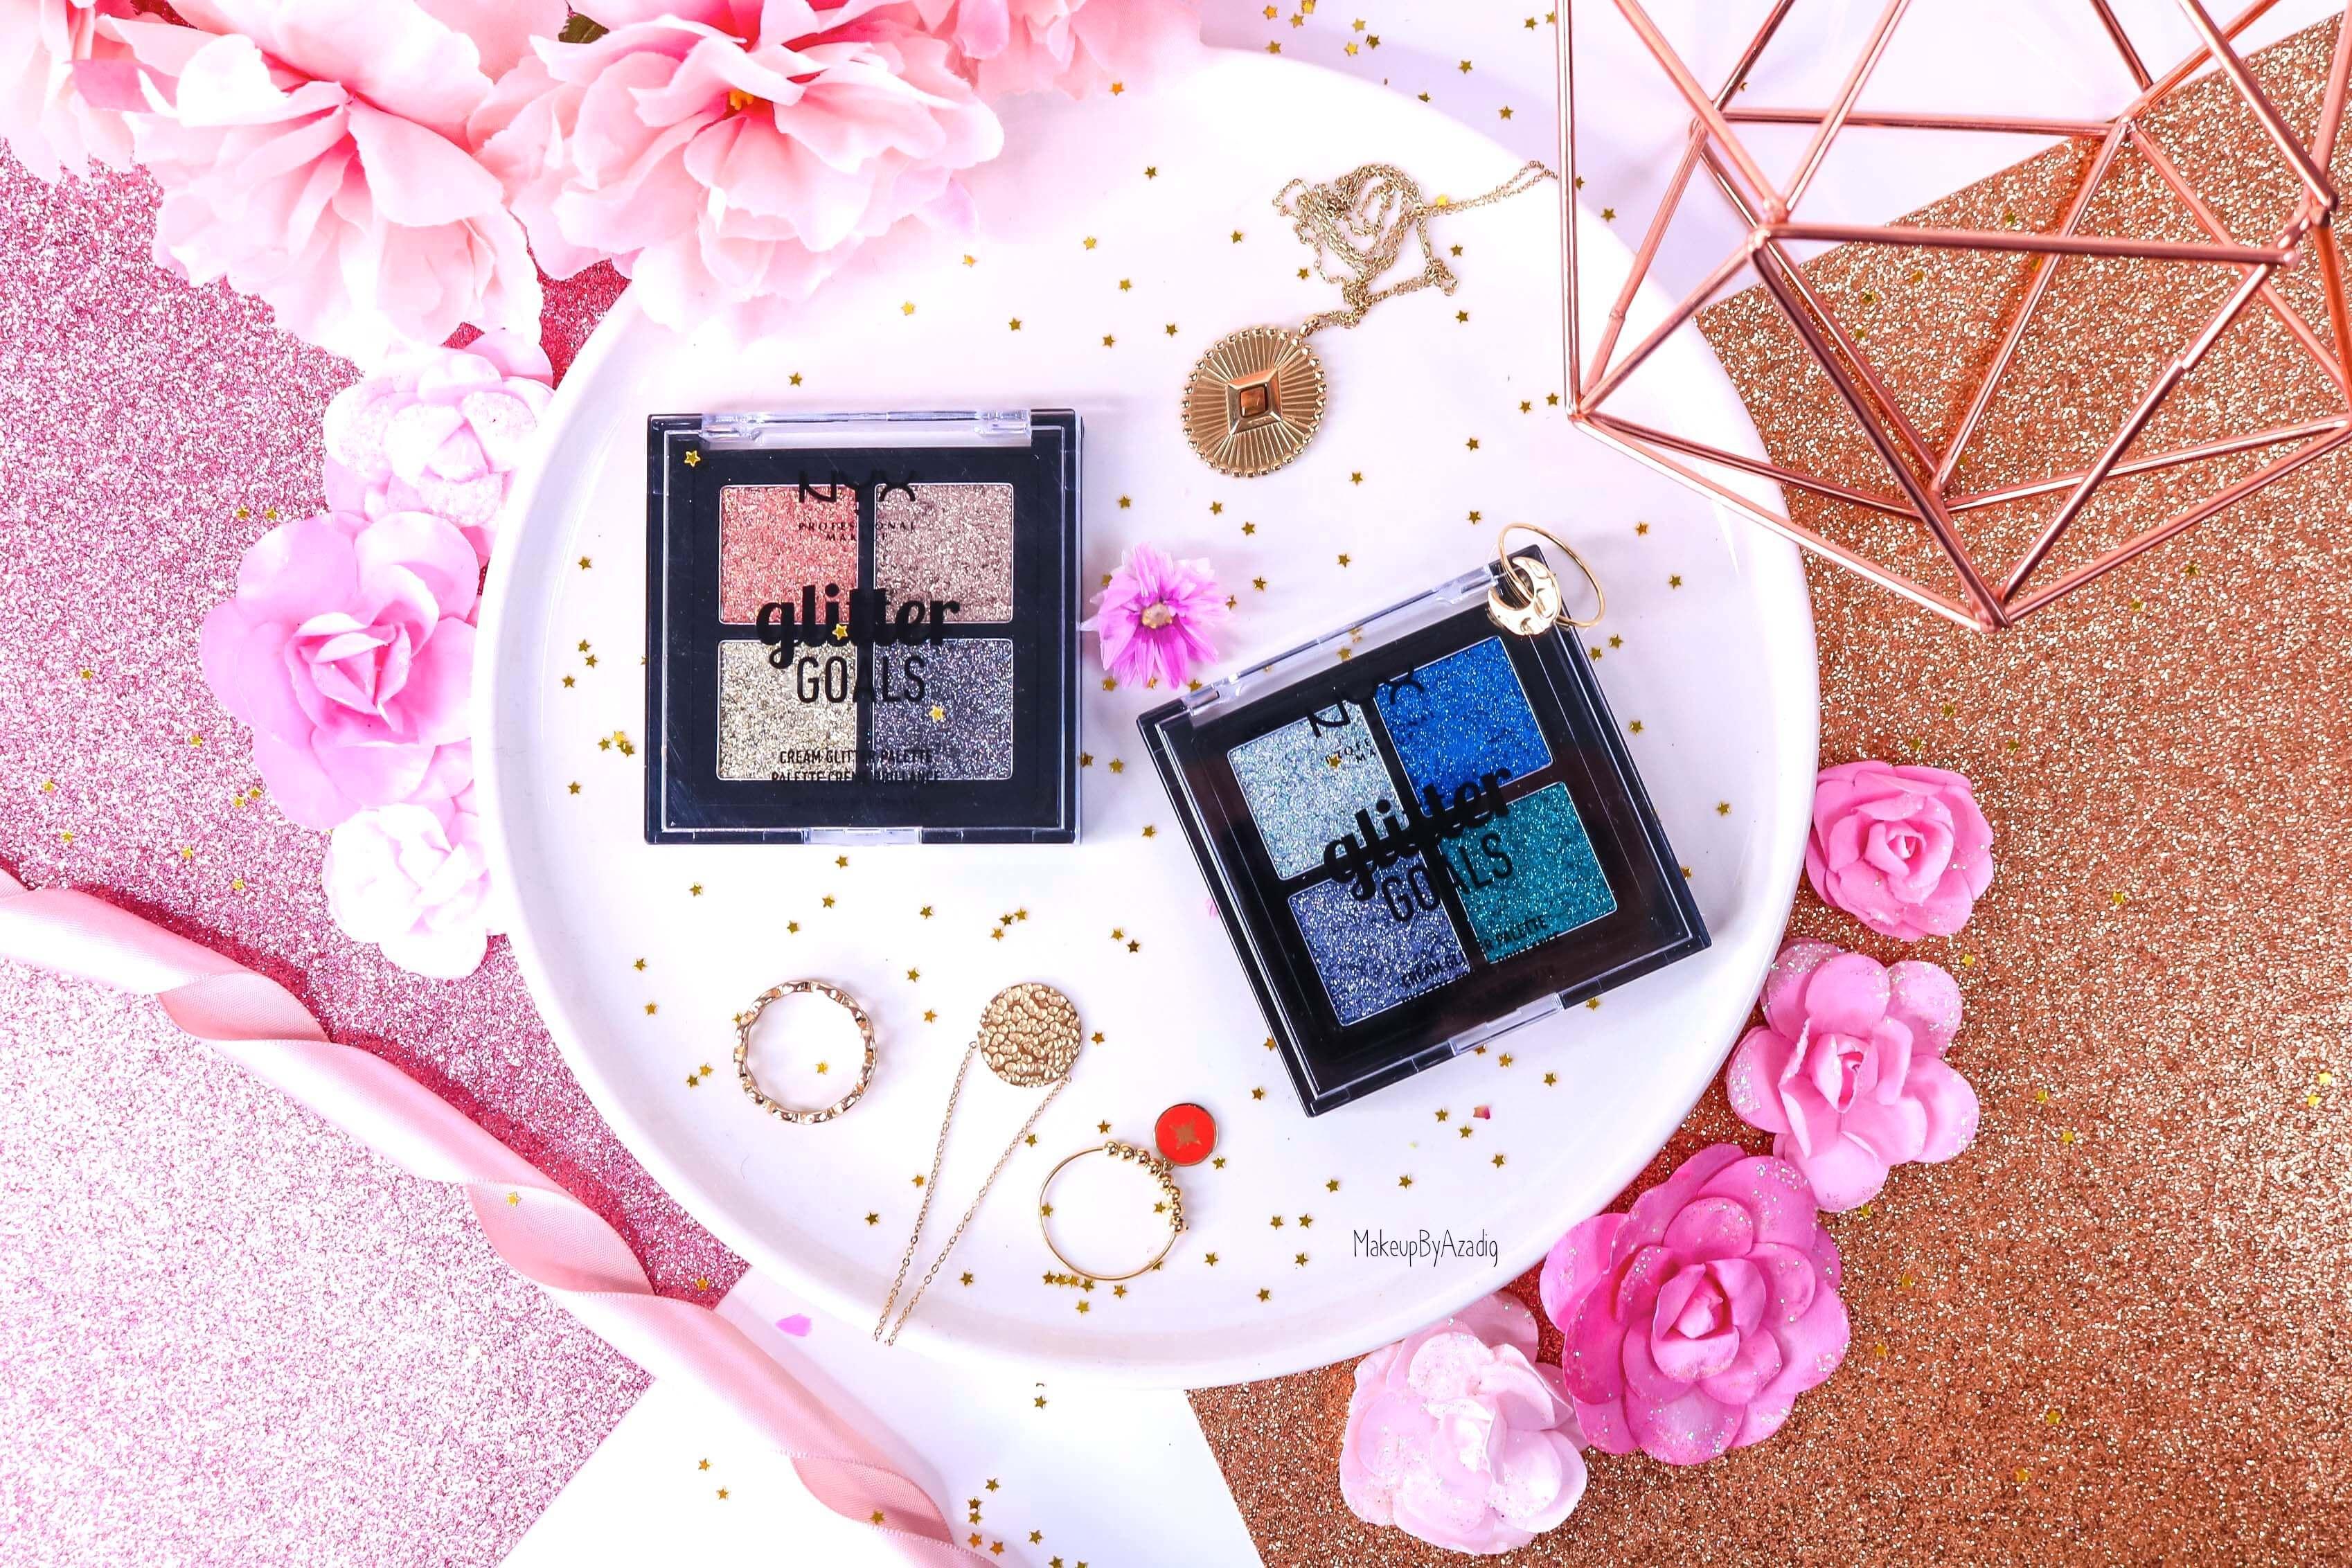 revue-palette-glitter-goals-nyx-professional-makeup-festival-coachella-avis-prix-paillette-makeupbyazadig-galactica-glacier-miniature